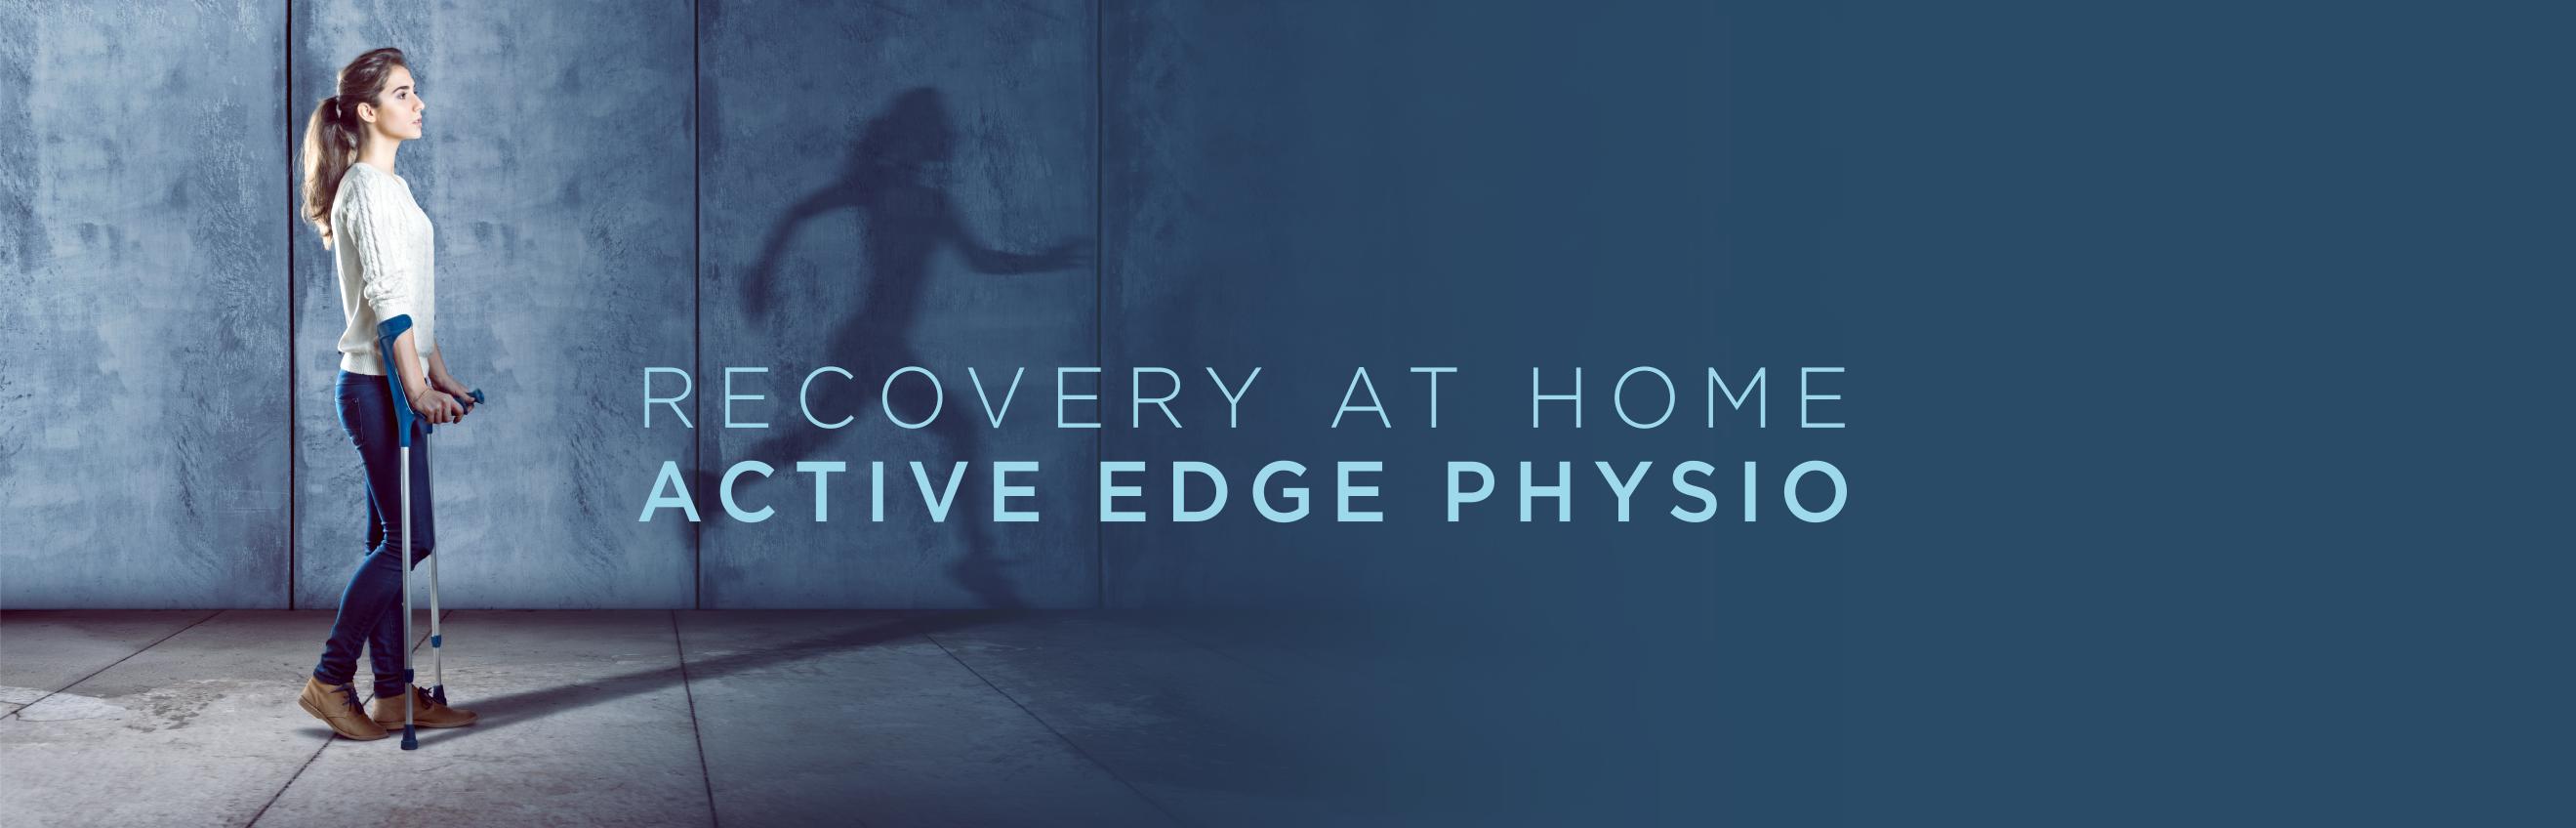 Active Edge Physio